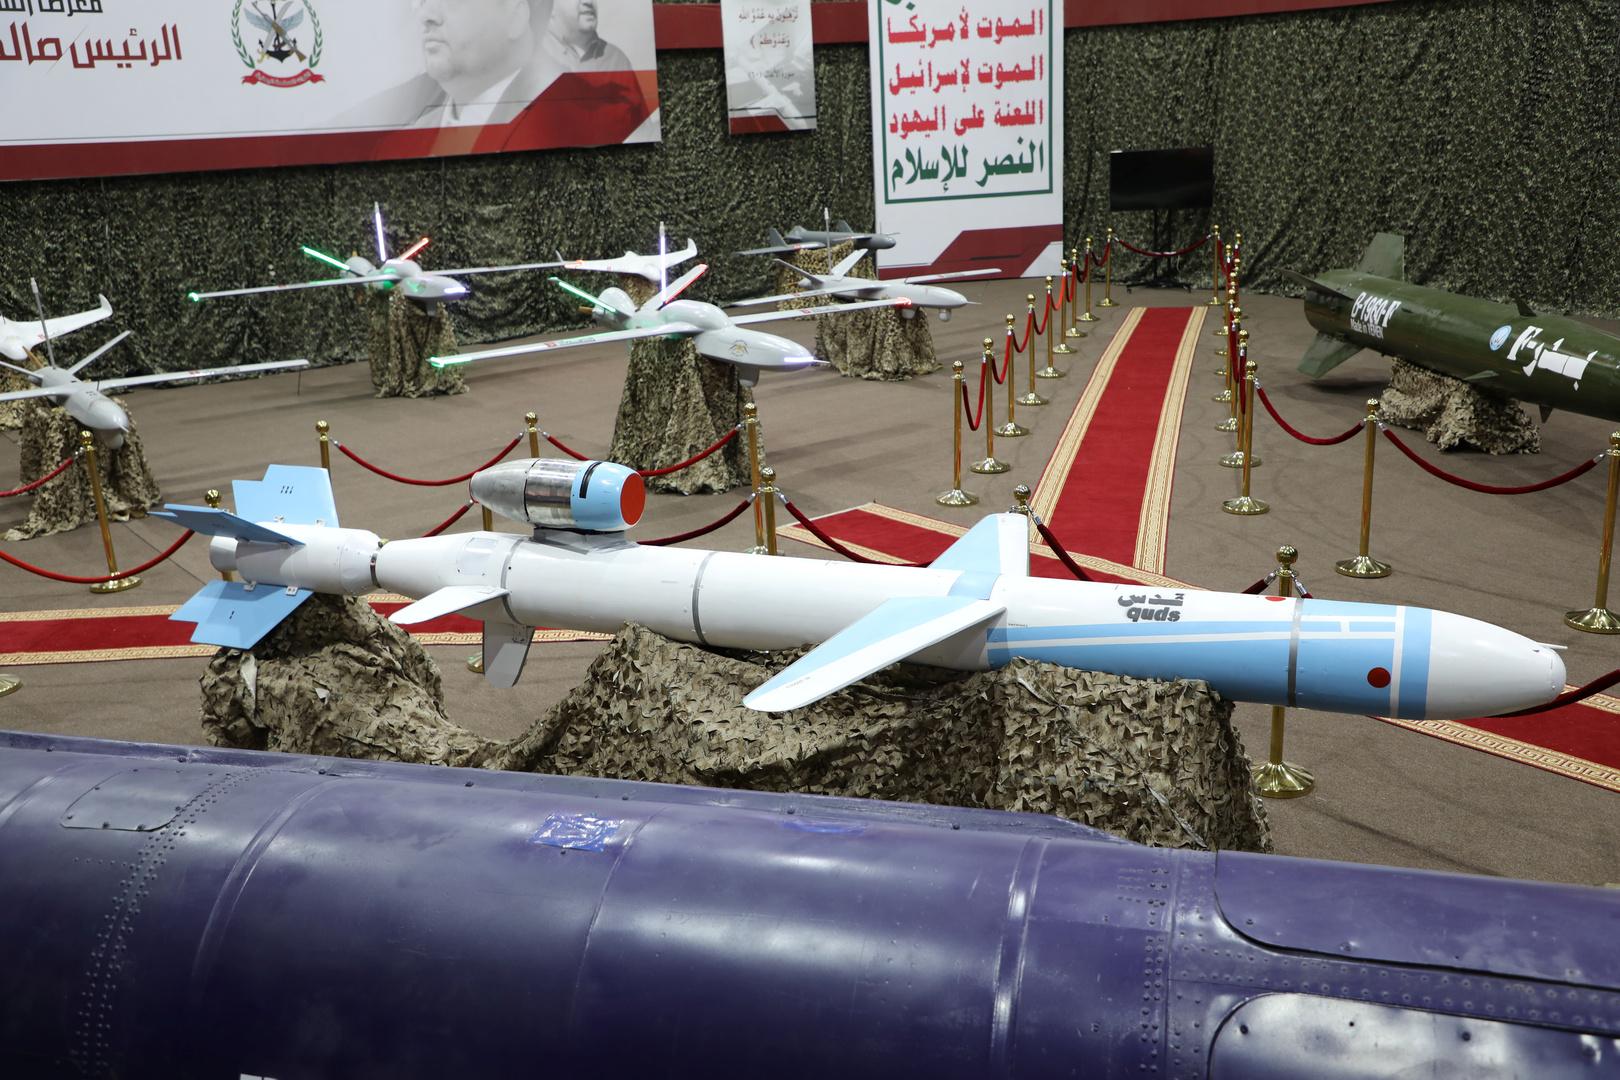 طائرة مسيرة تابعة للحوثيين